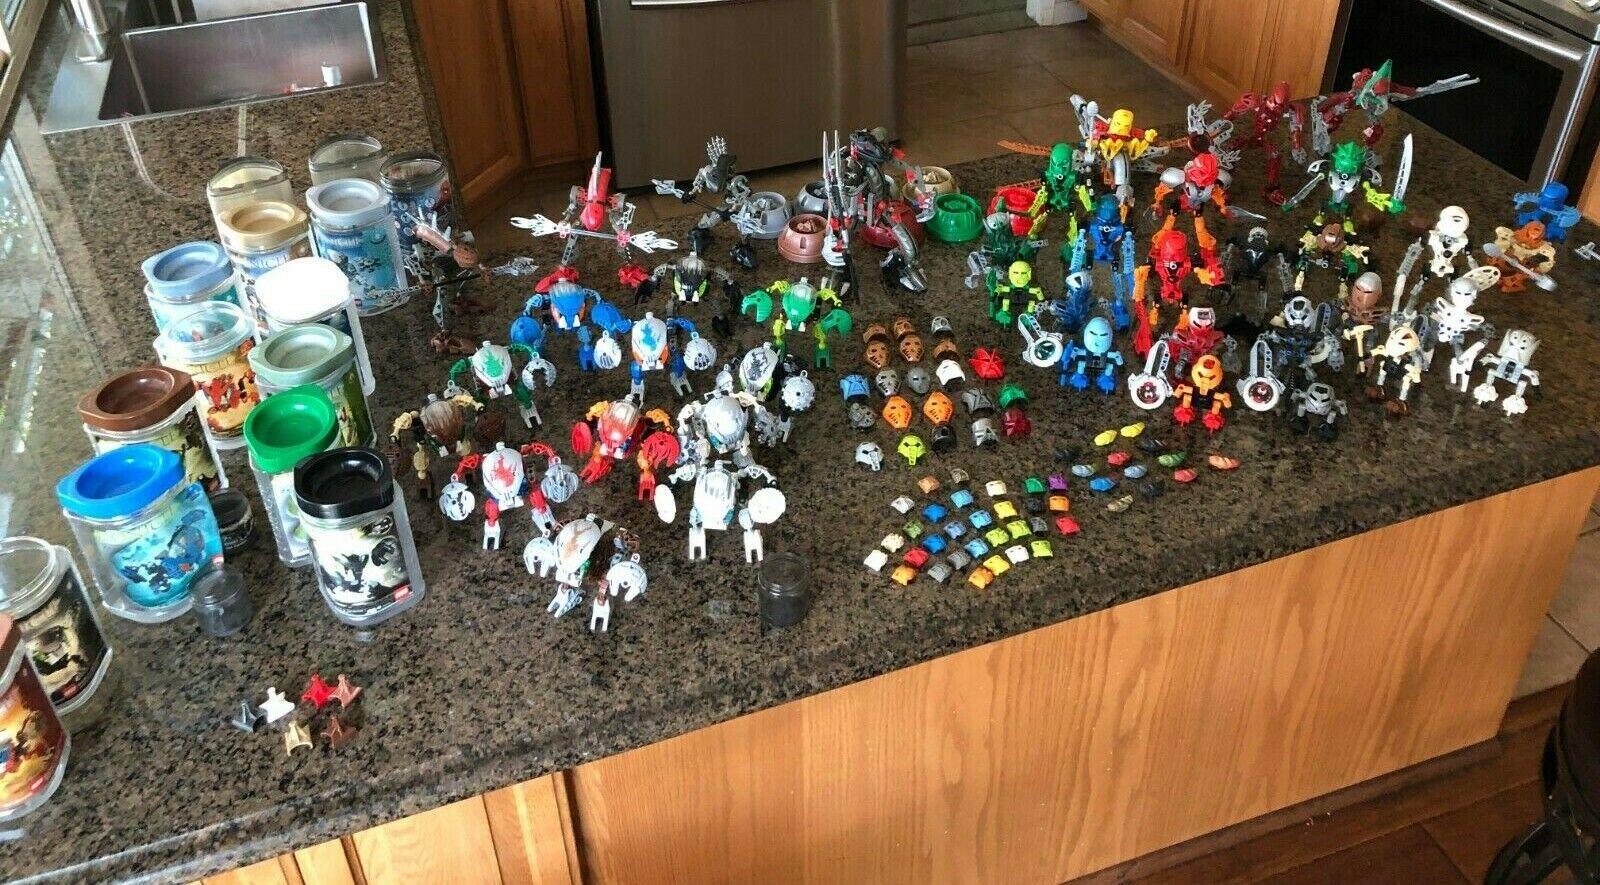 Lego Bionicle Colección  Coleccionables 63 y 42 juegos de Toa, Bohrok y más